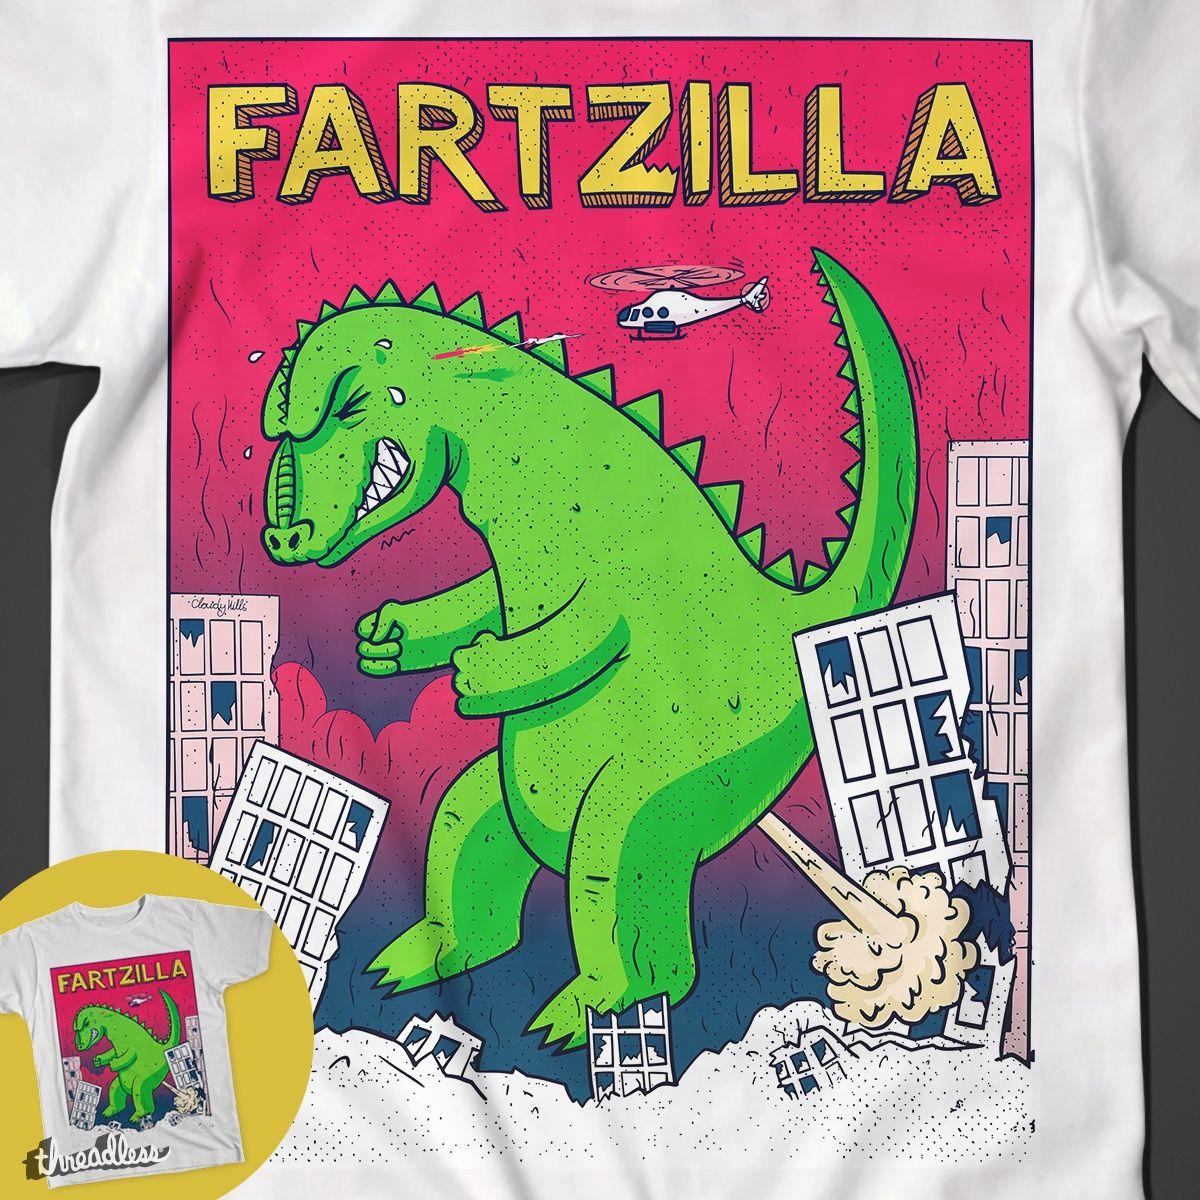 Fartzilla on Threadless